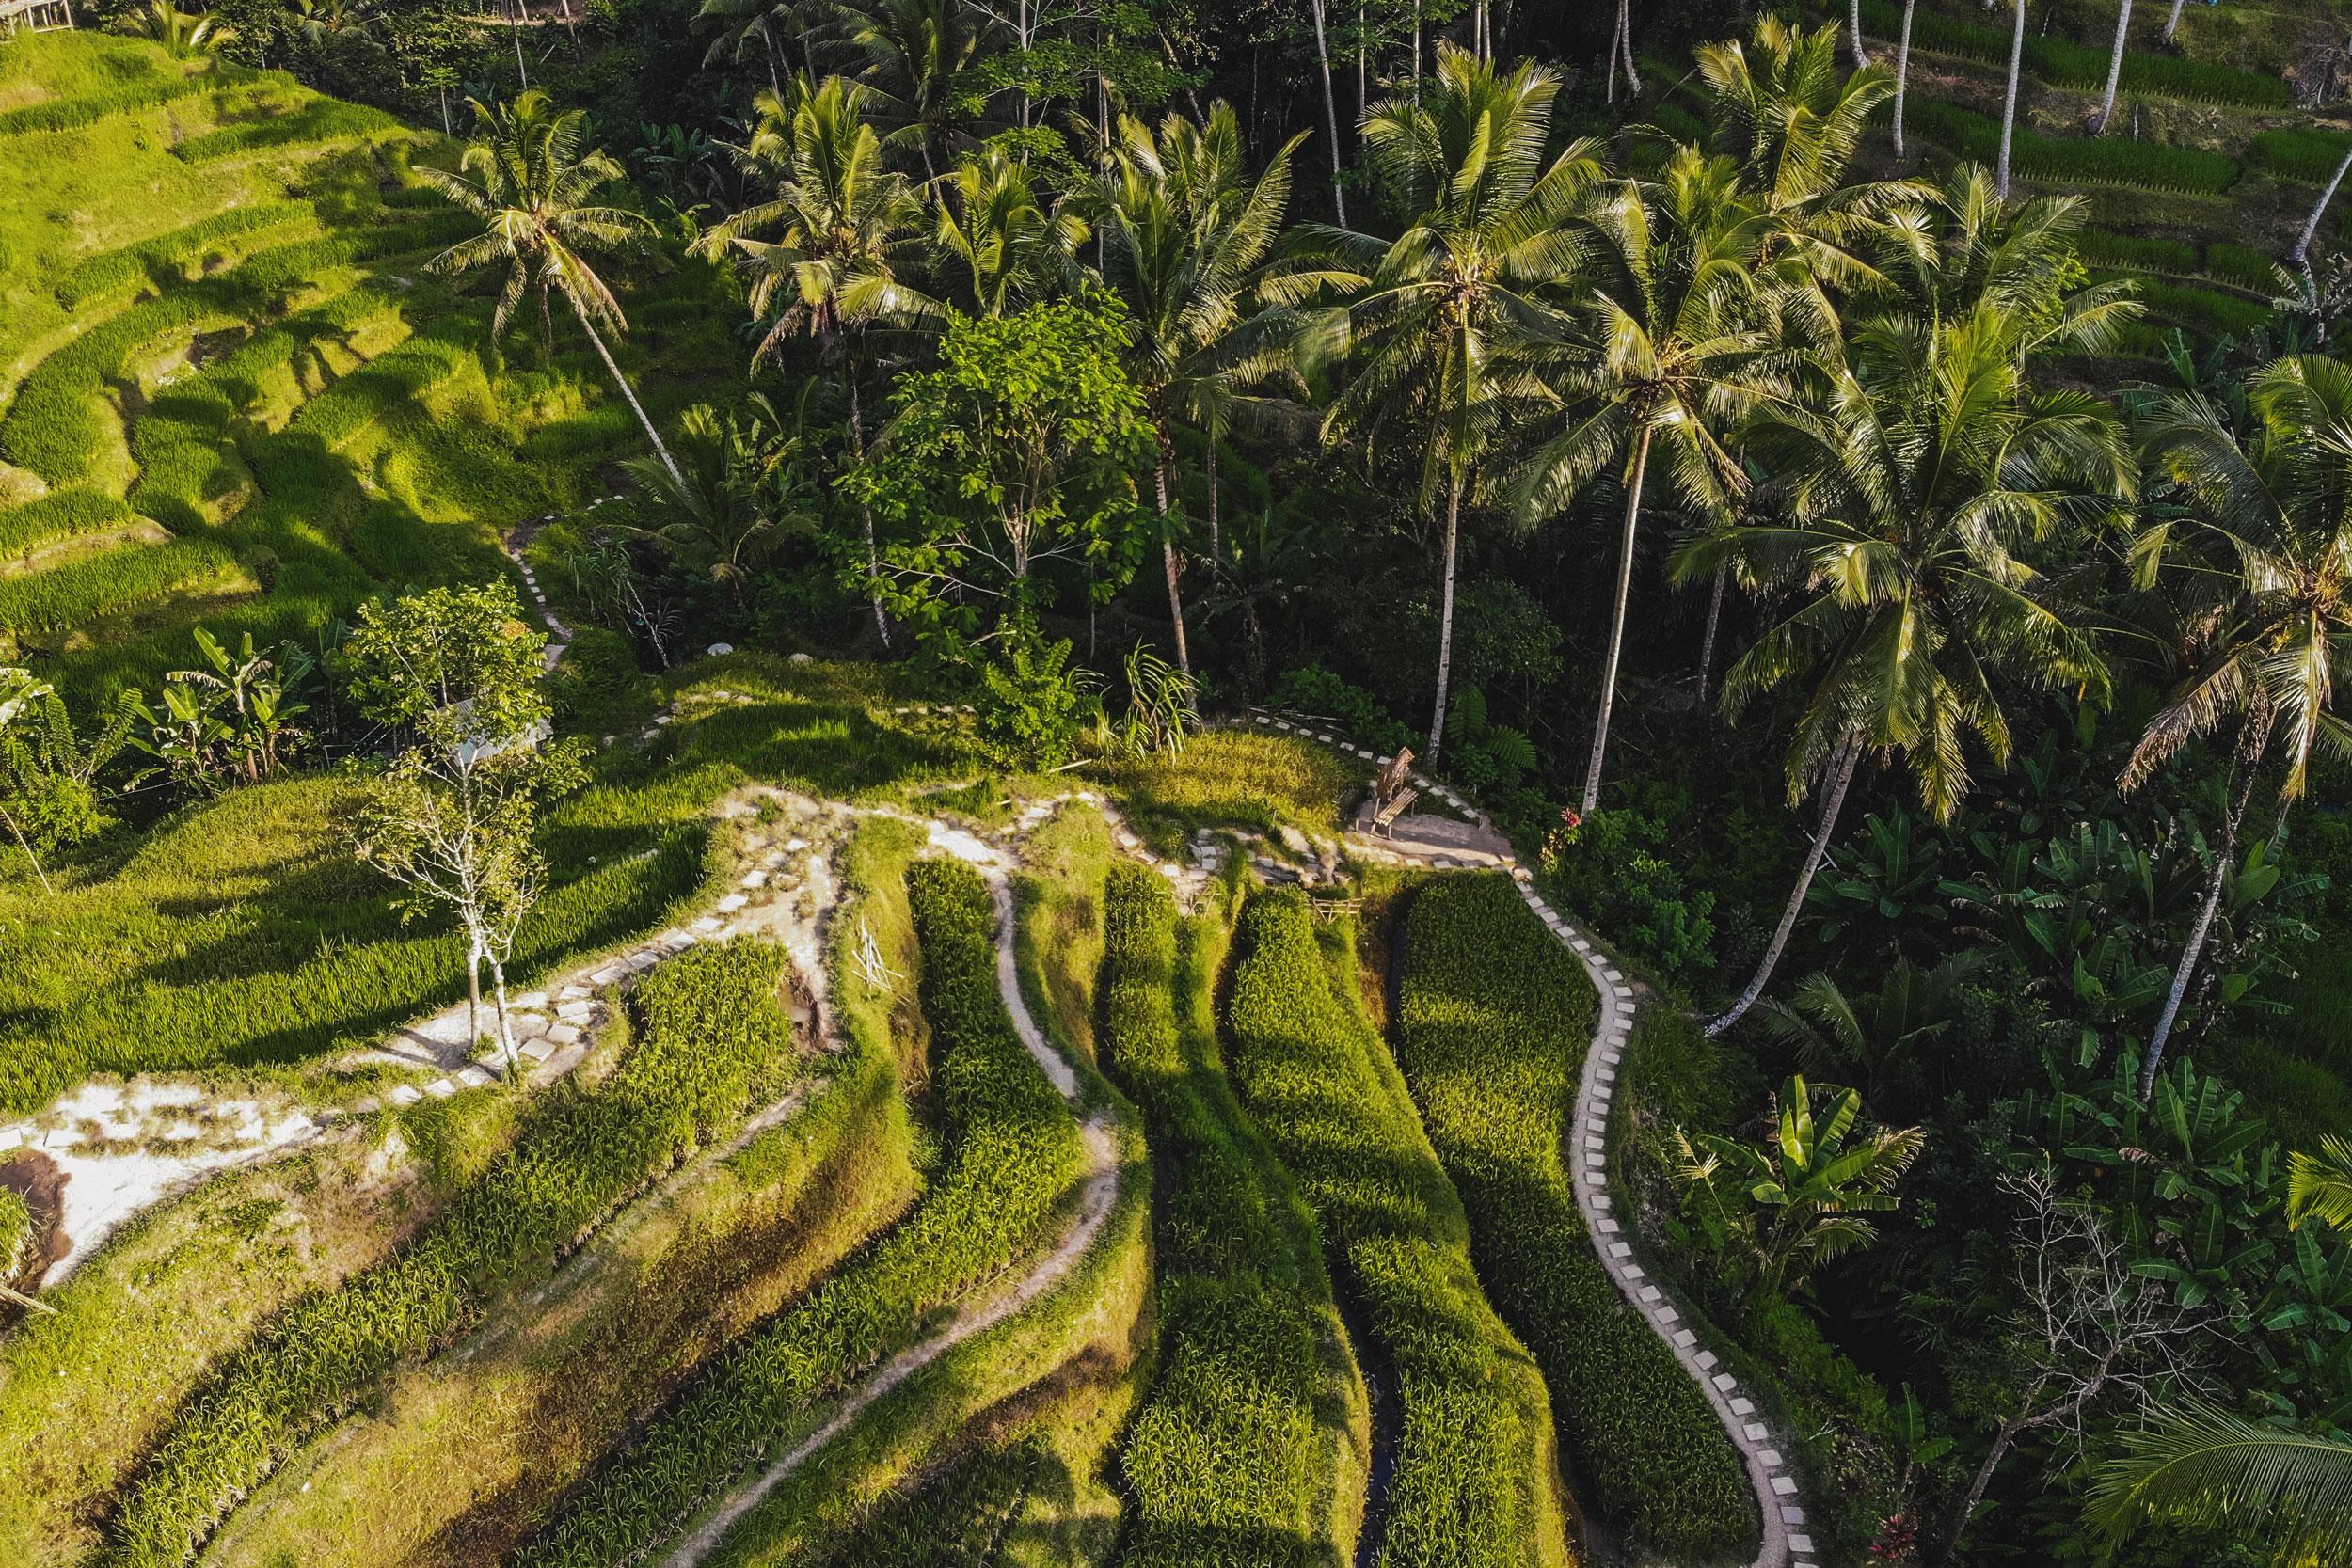 Tagalalang Rice Terrace, Bali